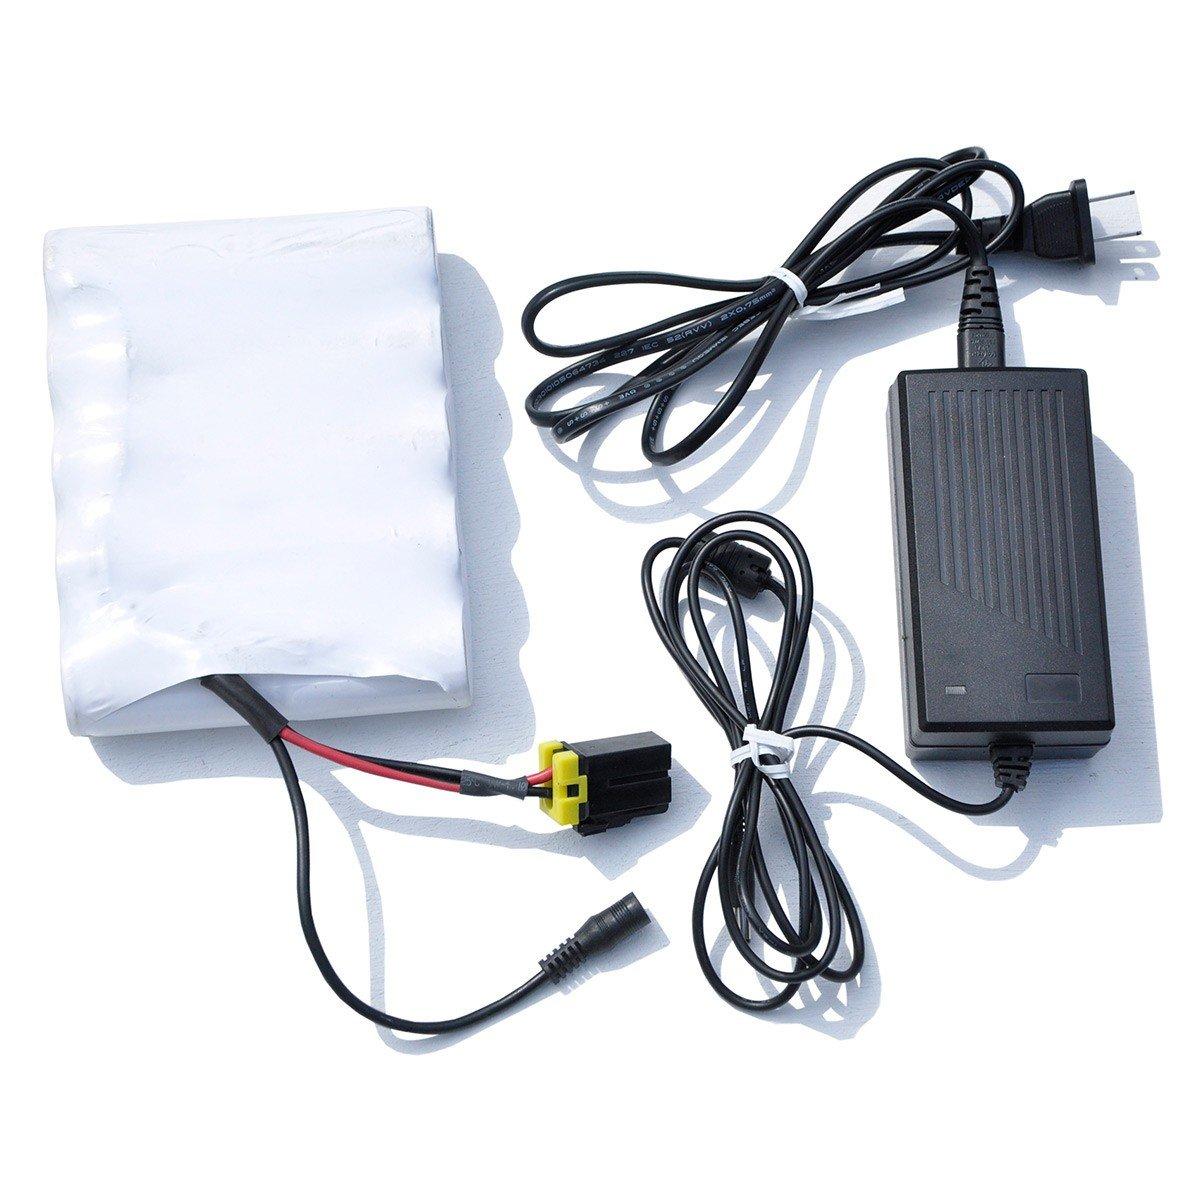 Solstice NI-MH Battery Pack